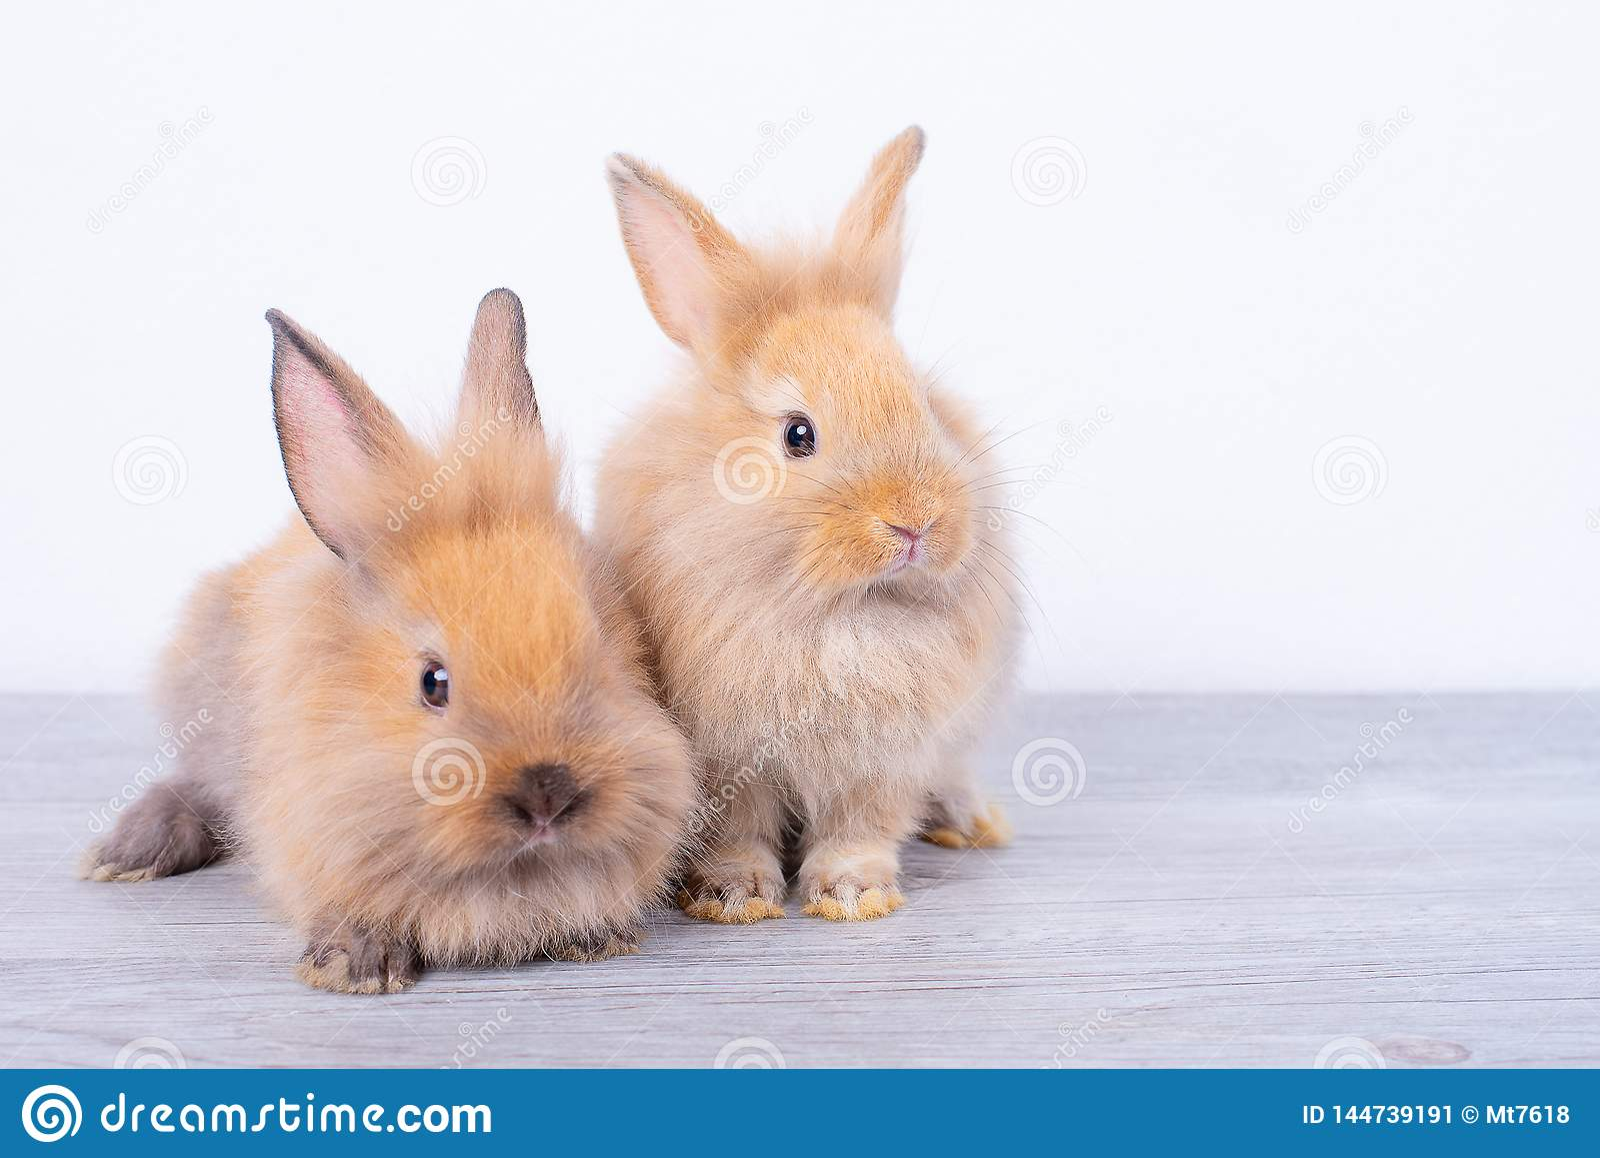 Acople a luz pequena - os coelhos marrons ficam na tabela de madeira cinzenta com fundo branco